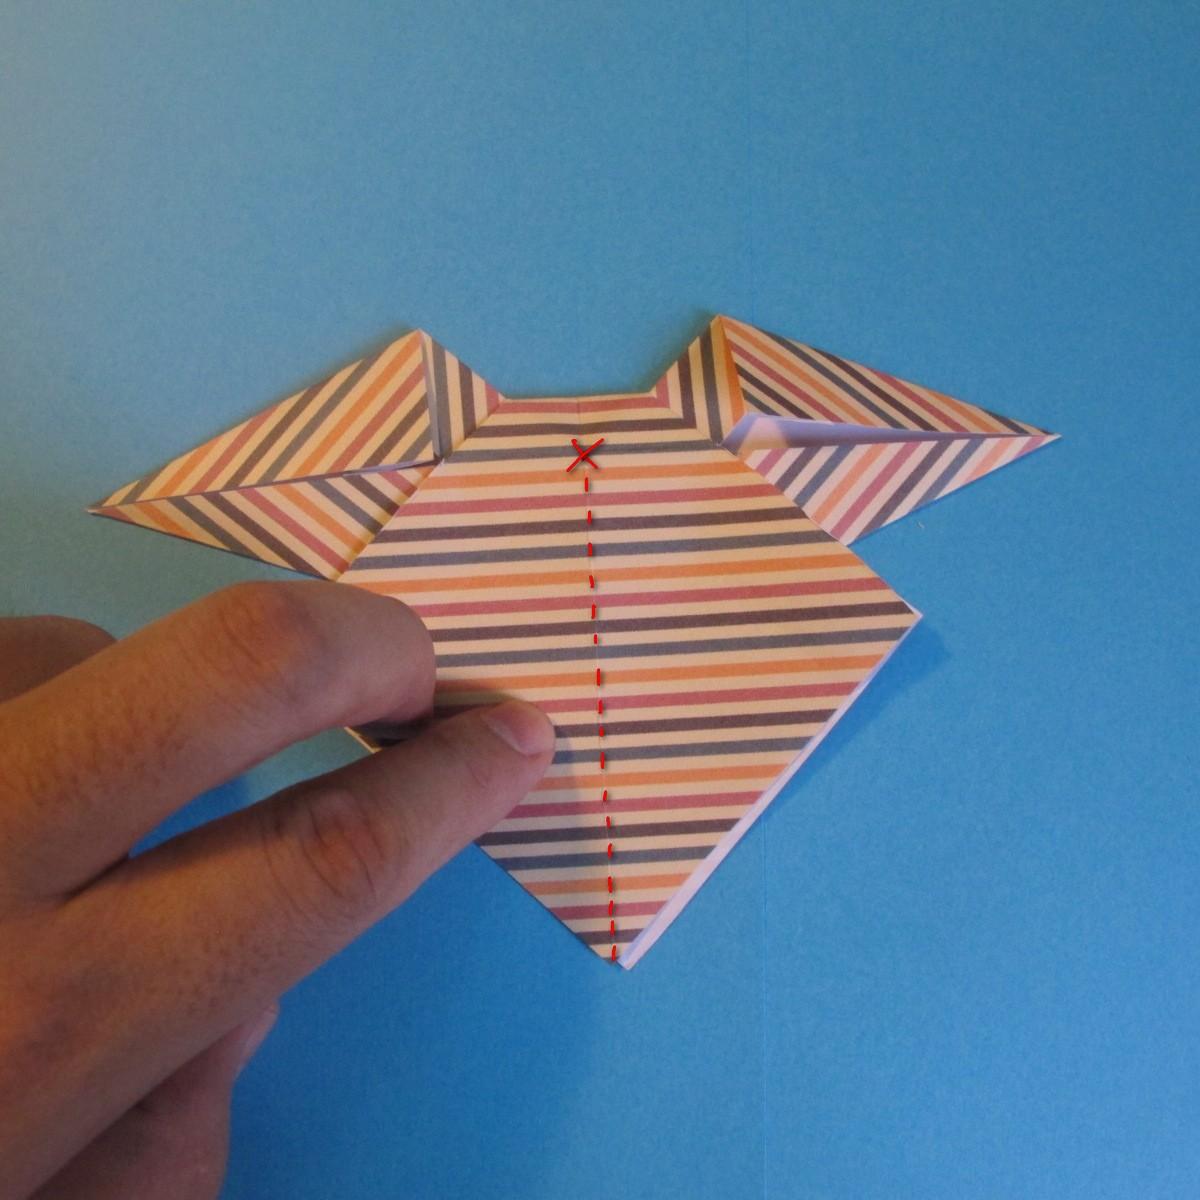 วิธีการพับกระดาษเป็นโบว์หูกระต่าย 021